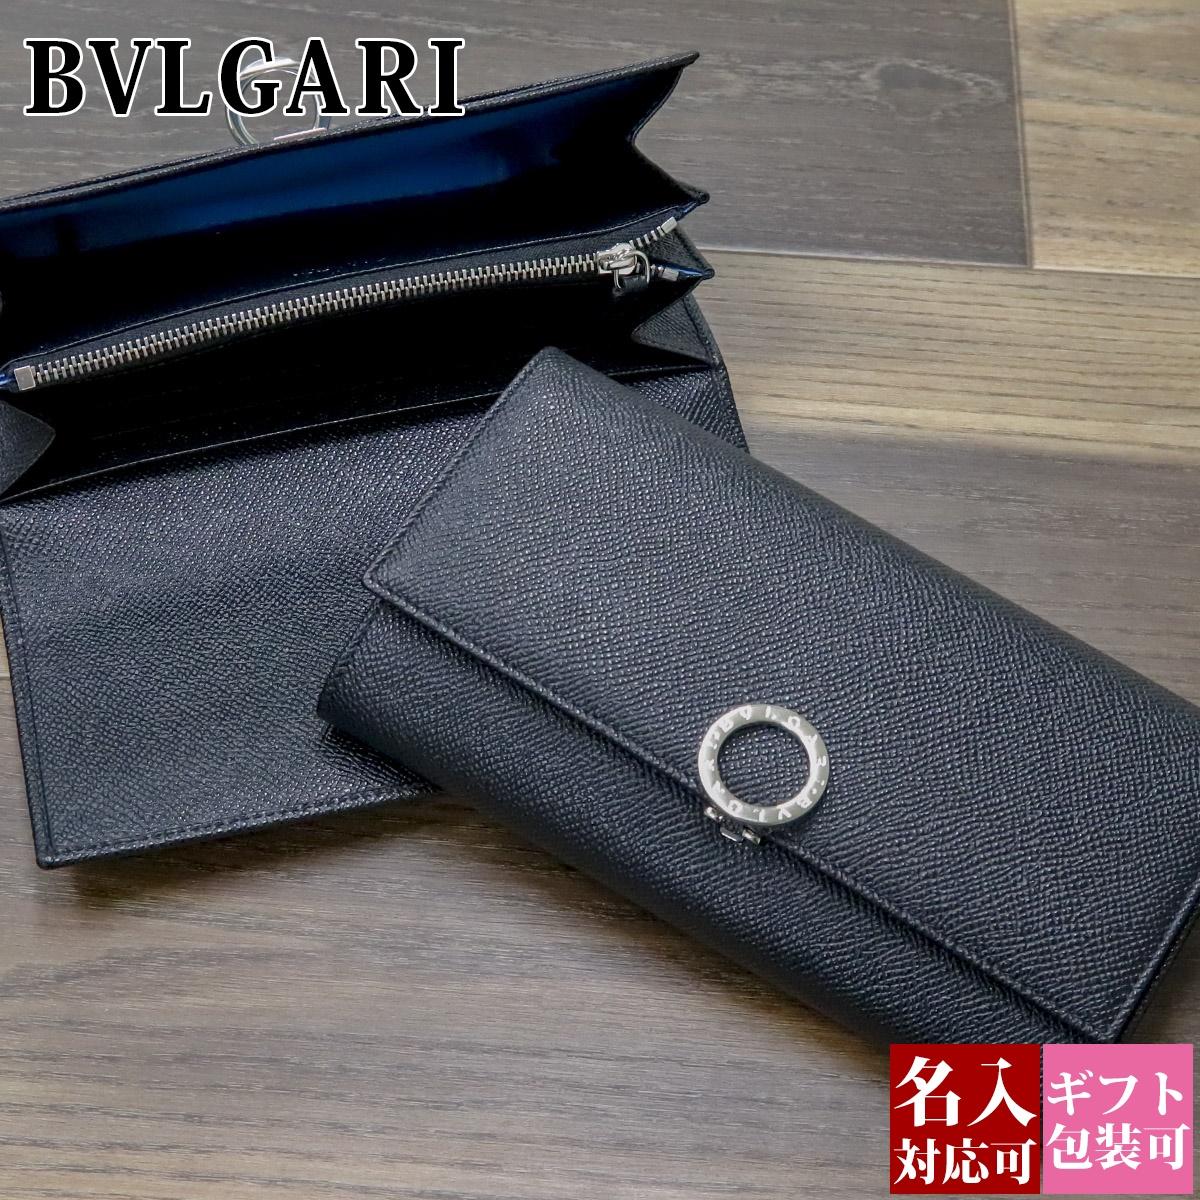 【名入れ】 ブルガリ 財布 メンズ ブルガリブルガリ 30414 BVLGARIBVLGARI 長財布 ブラック 黒 ファスナー レディース ホワイトデー プレゼント